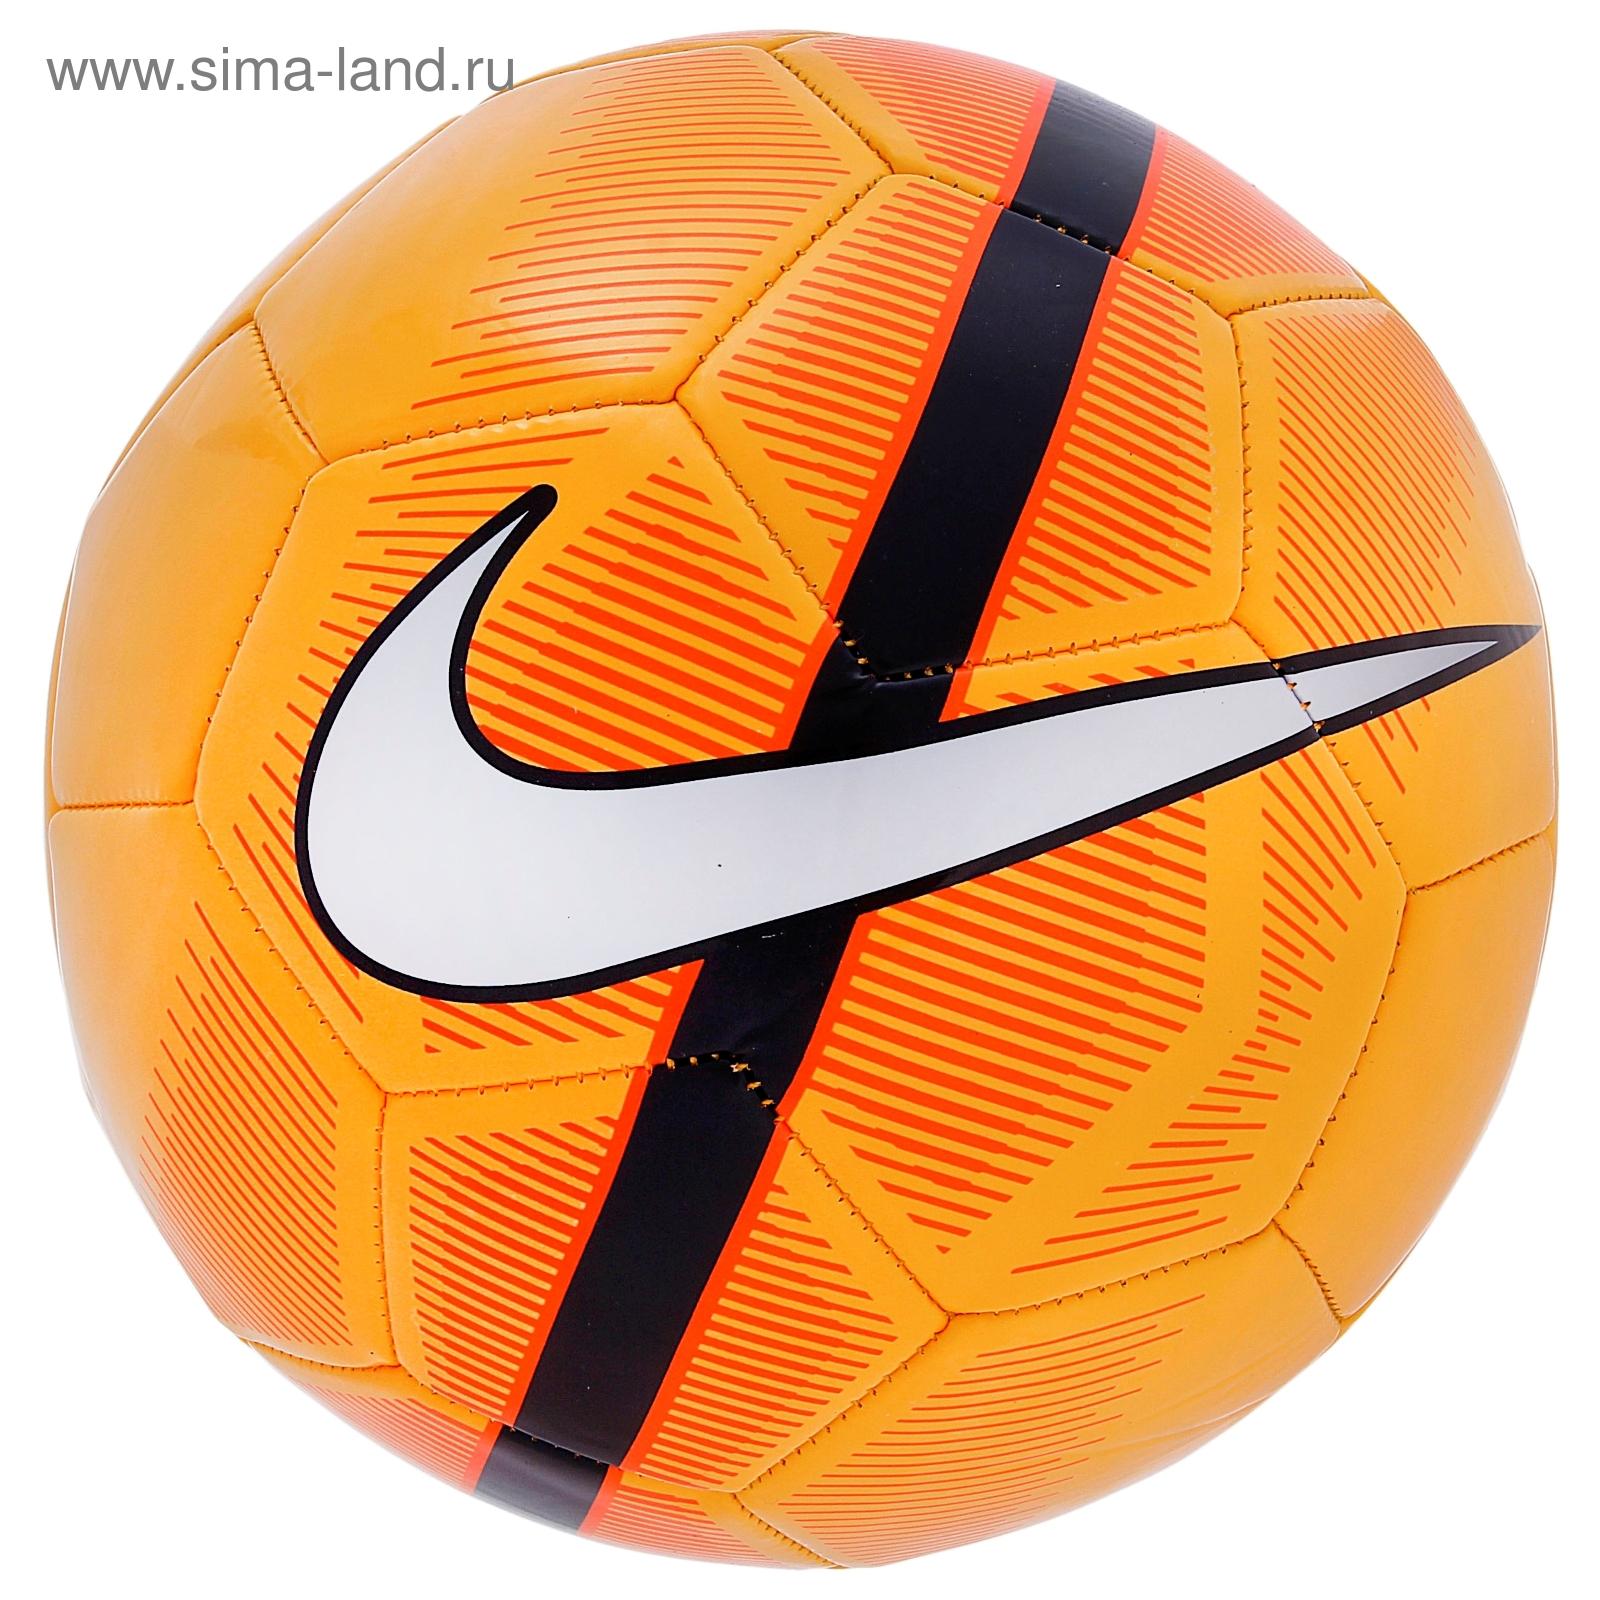 Мяч футбольный Nike Mercurial Fade, SC2361-885, размер 5 (1062789 ... c608ee6e17c